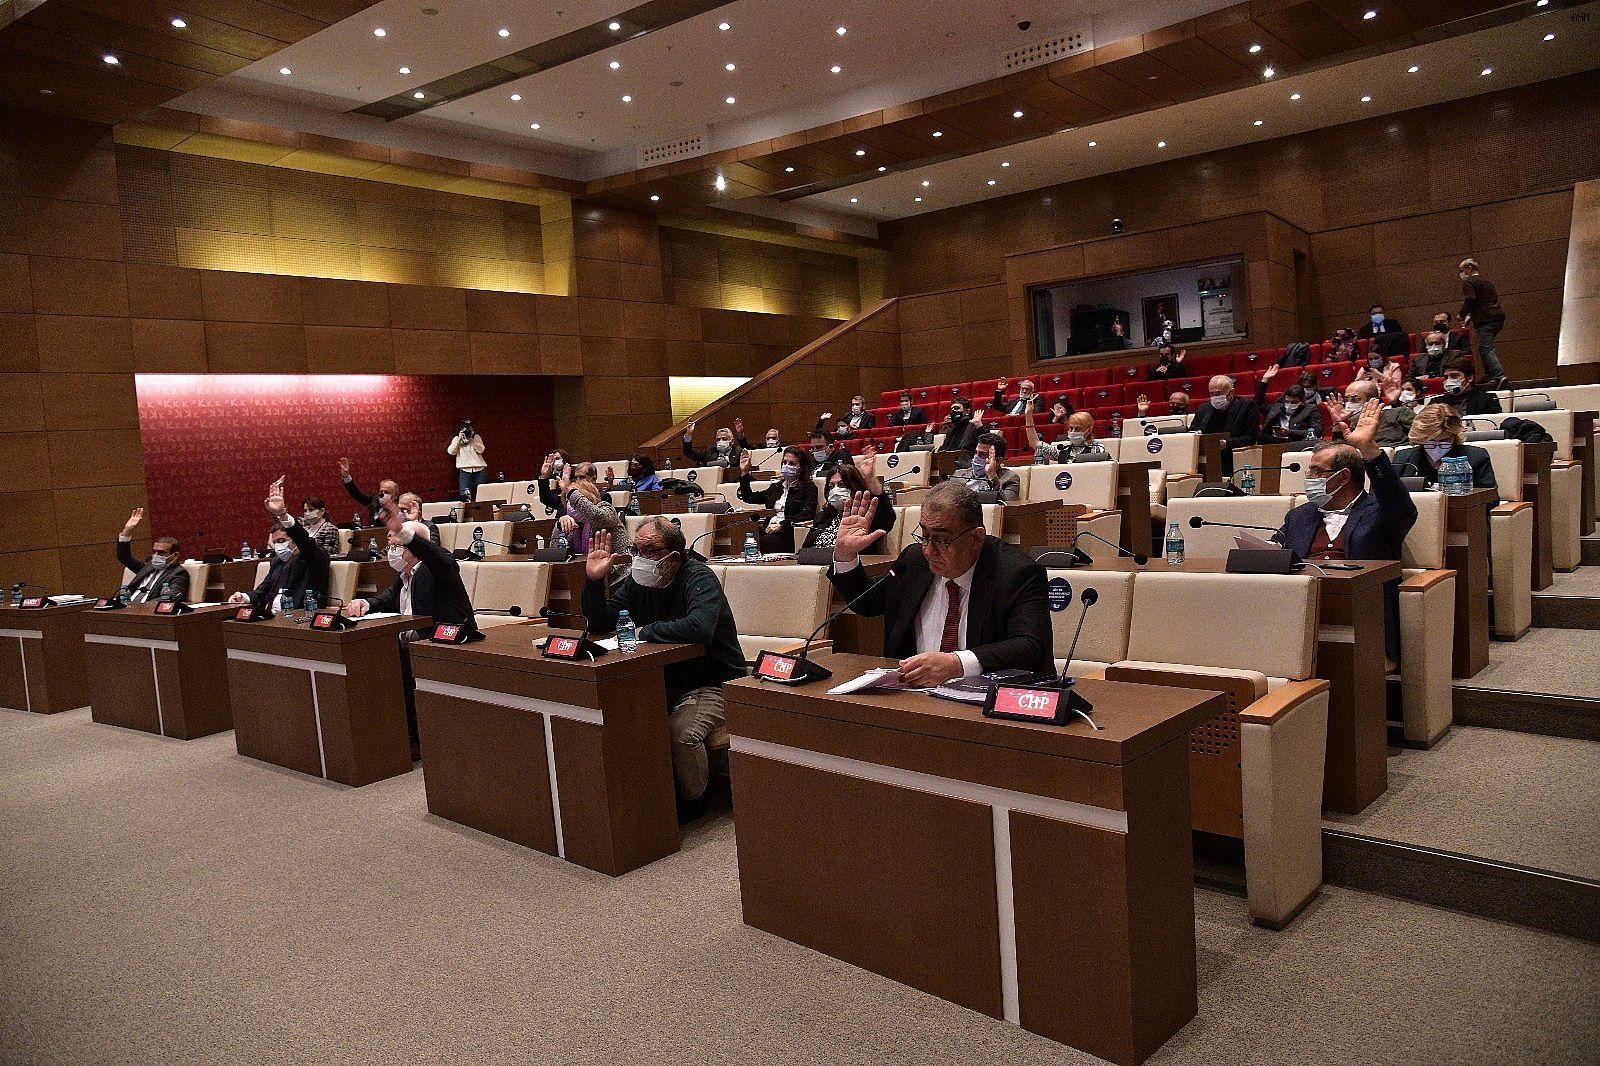 2021/04/kadikoy-belediyesi-2020-faaliyet-raporu-kabul-edildi-20210408AW29-1.jpg